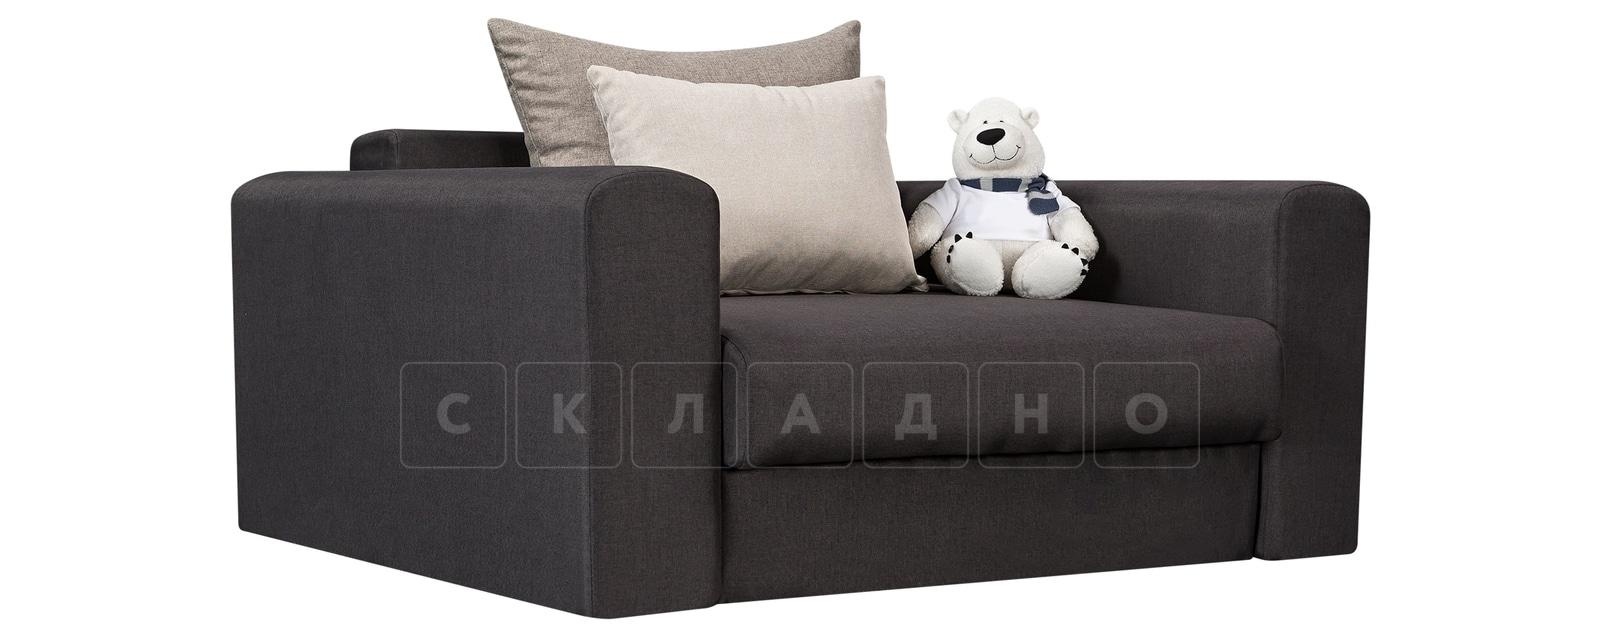 Кресло Медисон 100 см темно-серого цвета фото 1 | интернет-магазин Складно